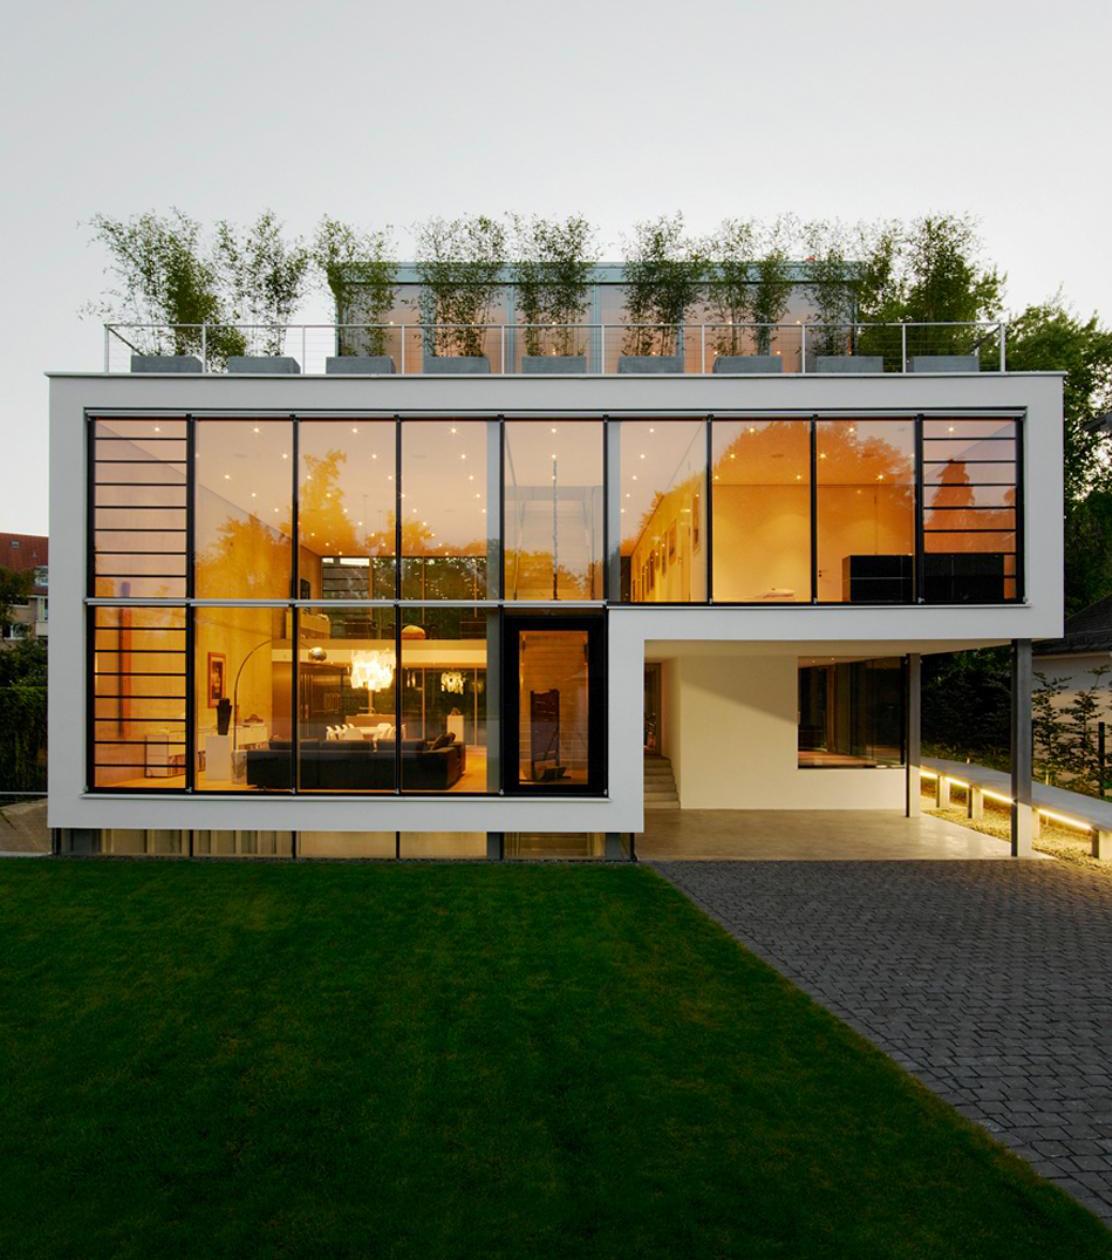 Roof Gardens (12)